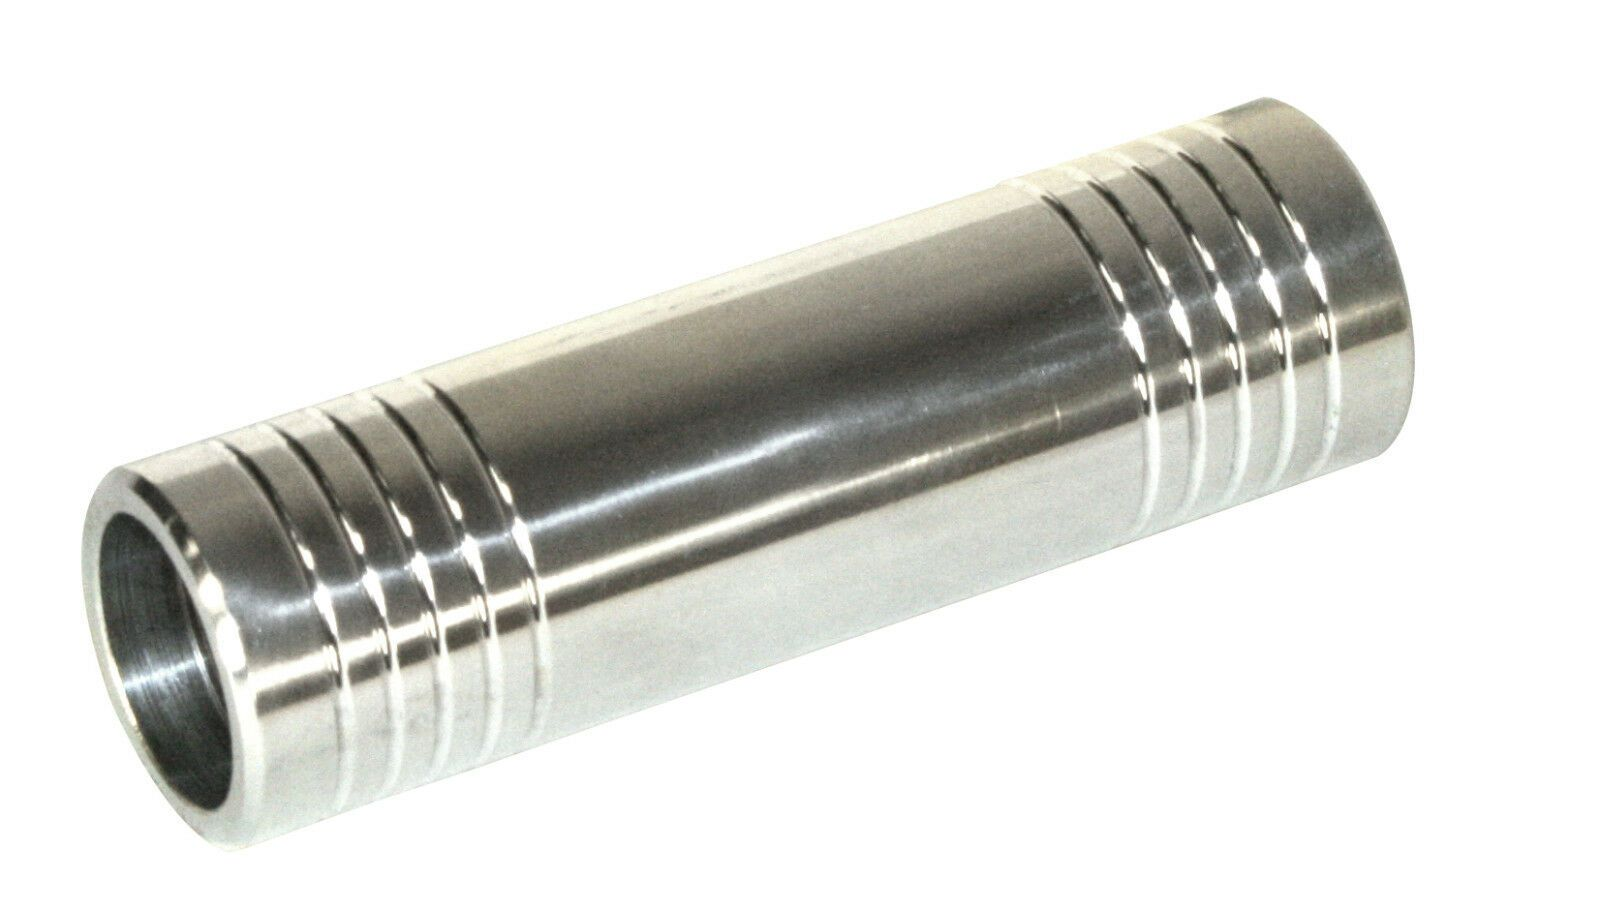 Manopla Freio de Mão em Aluminio Billet - VW/AR - Empi  - PRO-1 Serious Performance